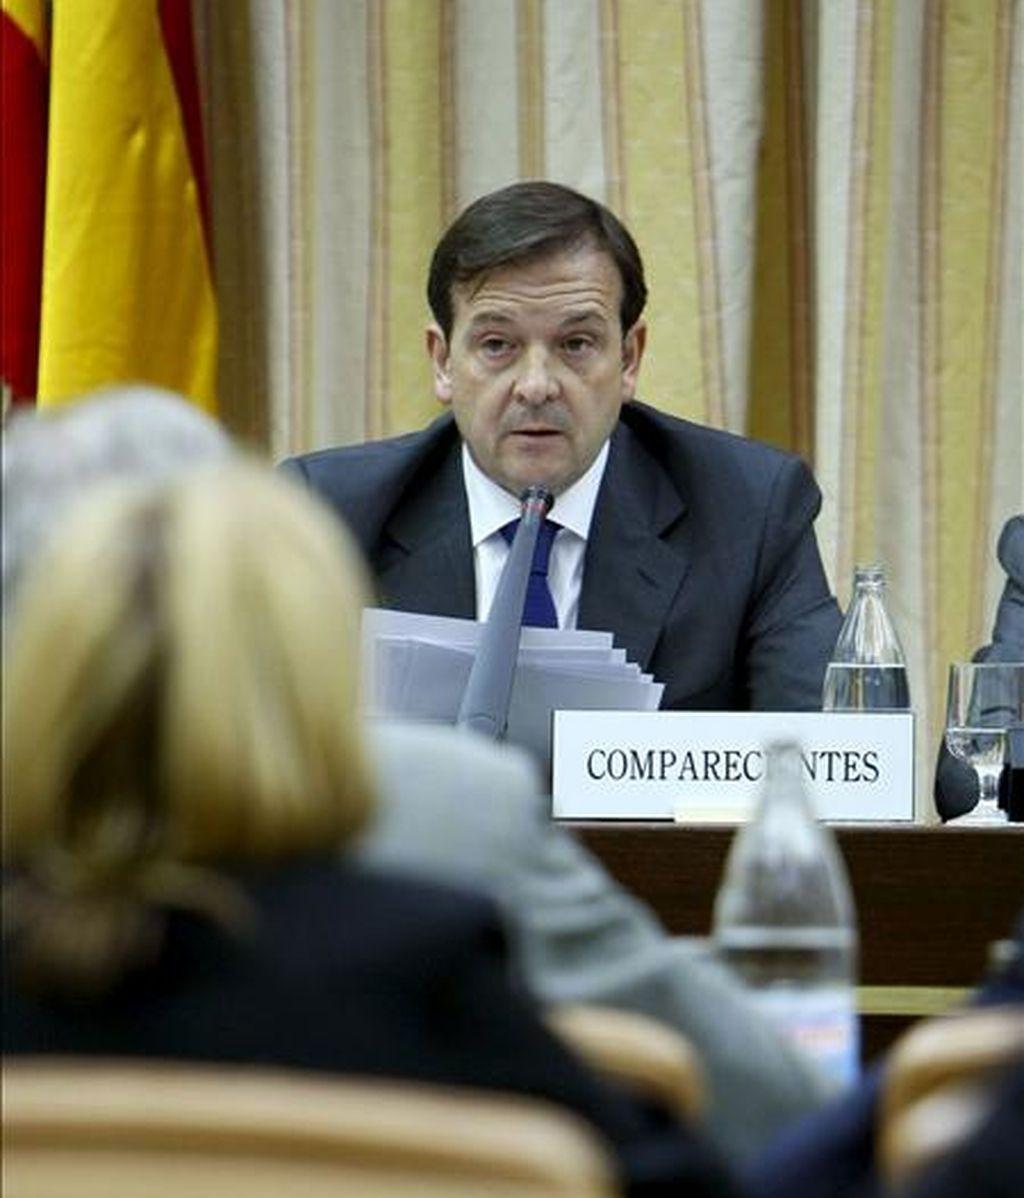 El director del Centro Nacional de Inteligencia (CNI), Alberto Sáiz, durante su comparecencia en la Comisión de Defensa del Congreso. EFE/Archivo